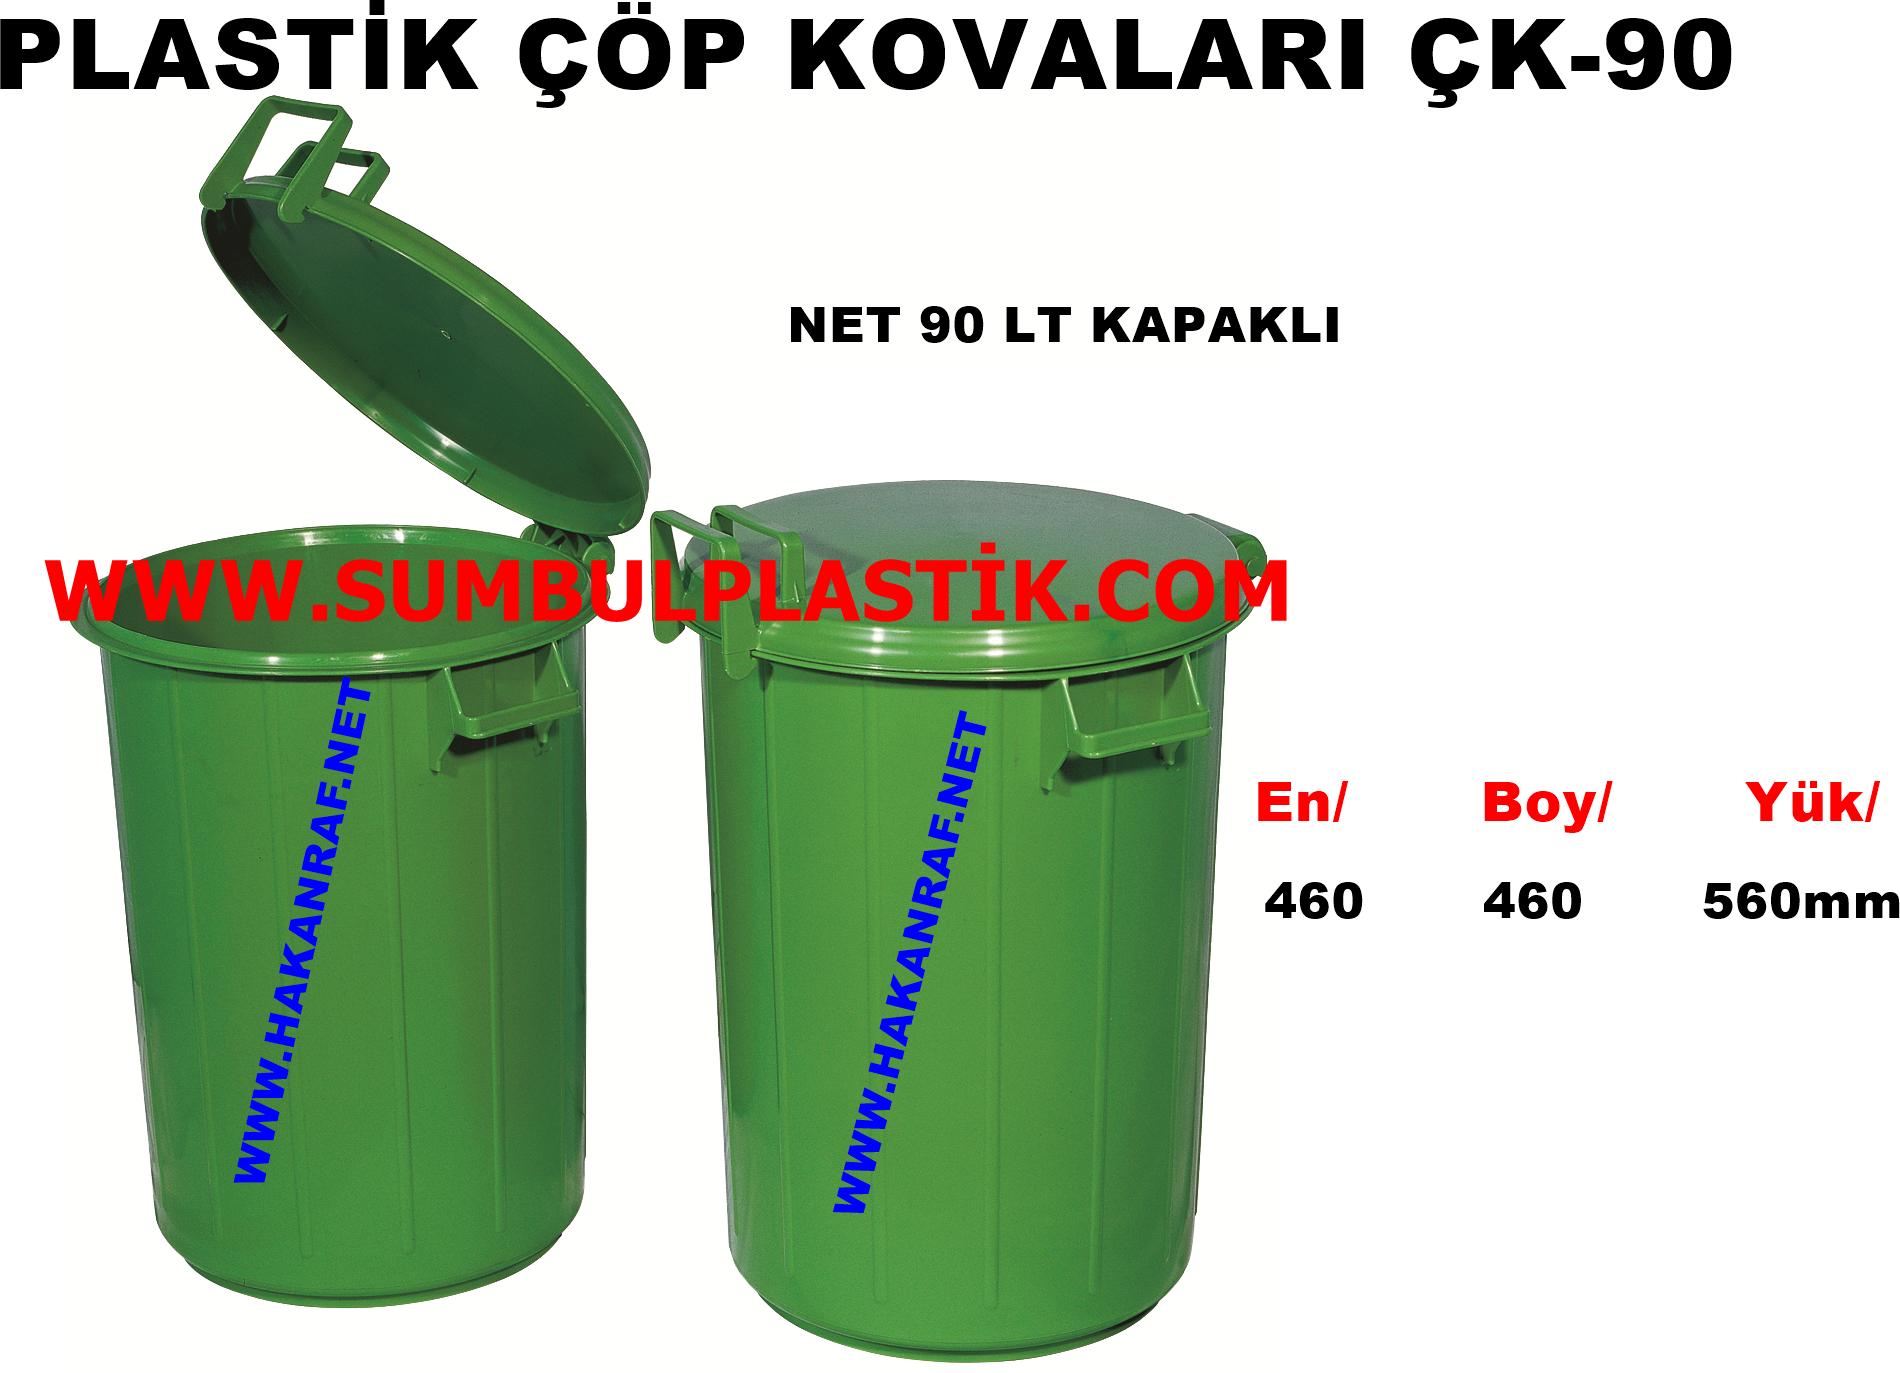 ÇK-90